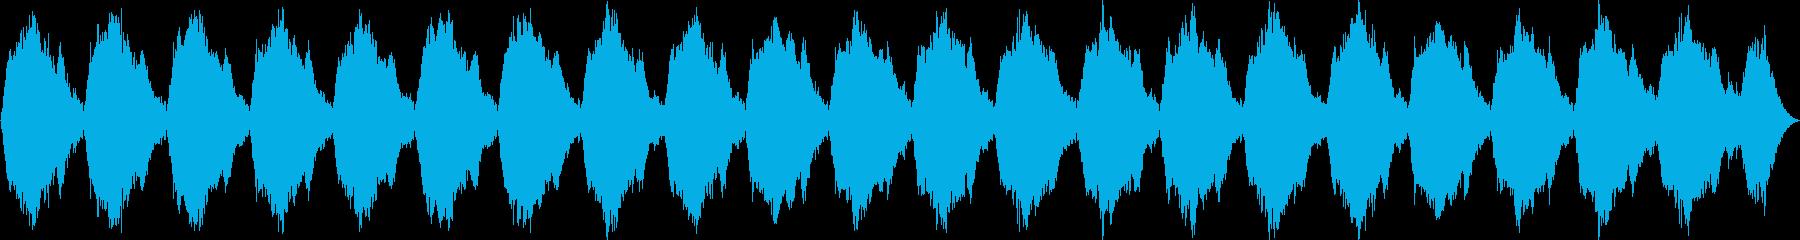 ホラー・緊張感・ナレーション・ドキドキの再生済みの波形